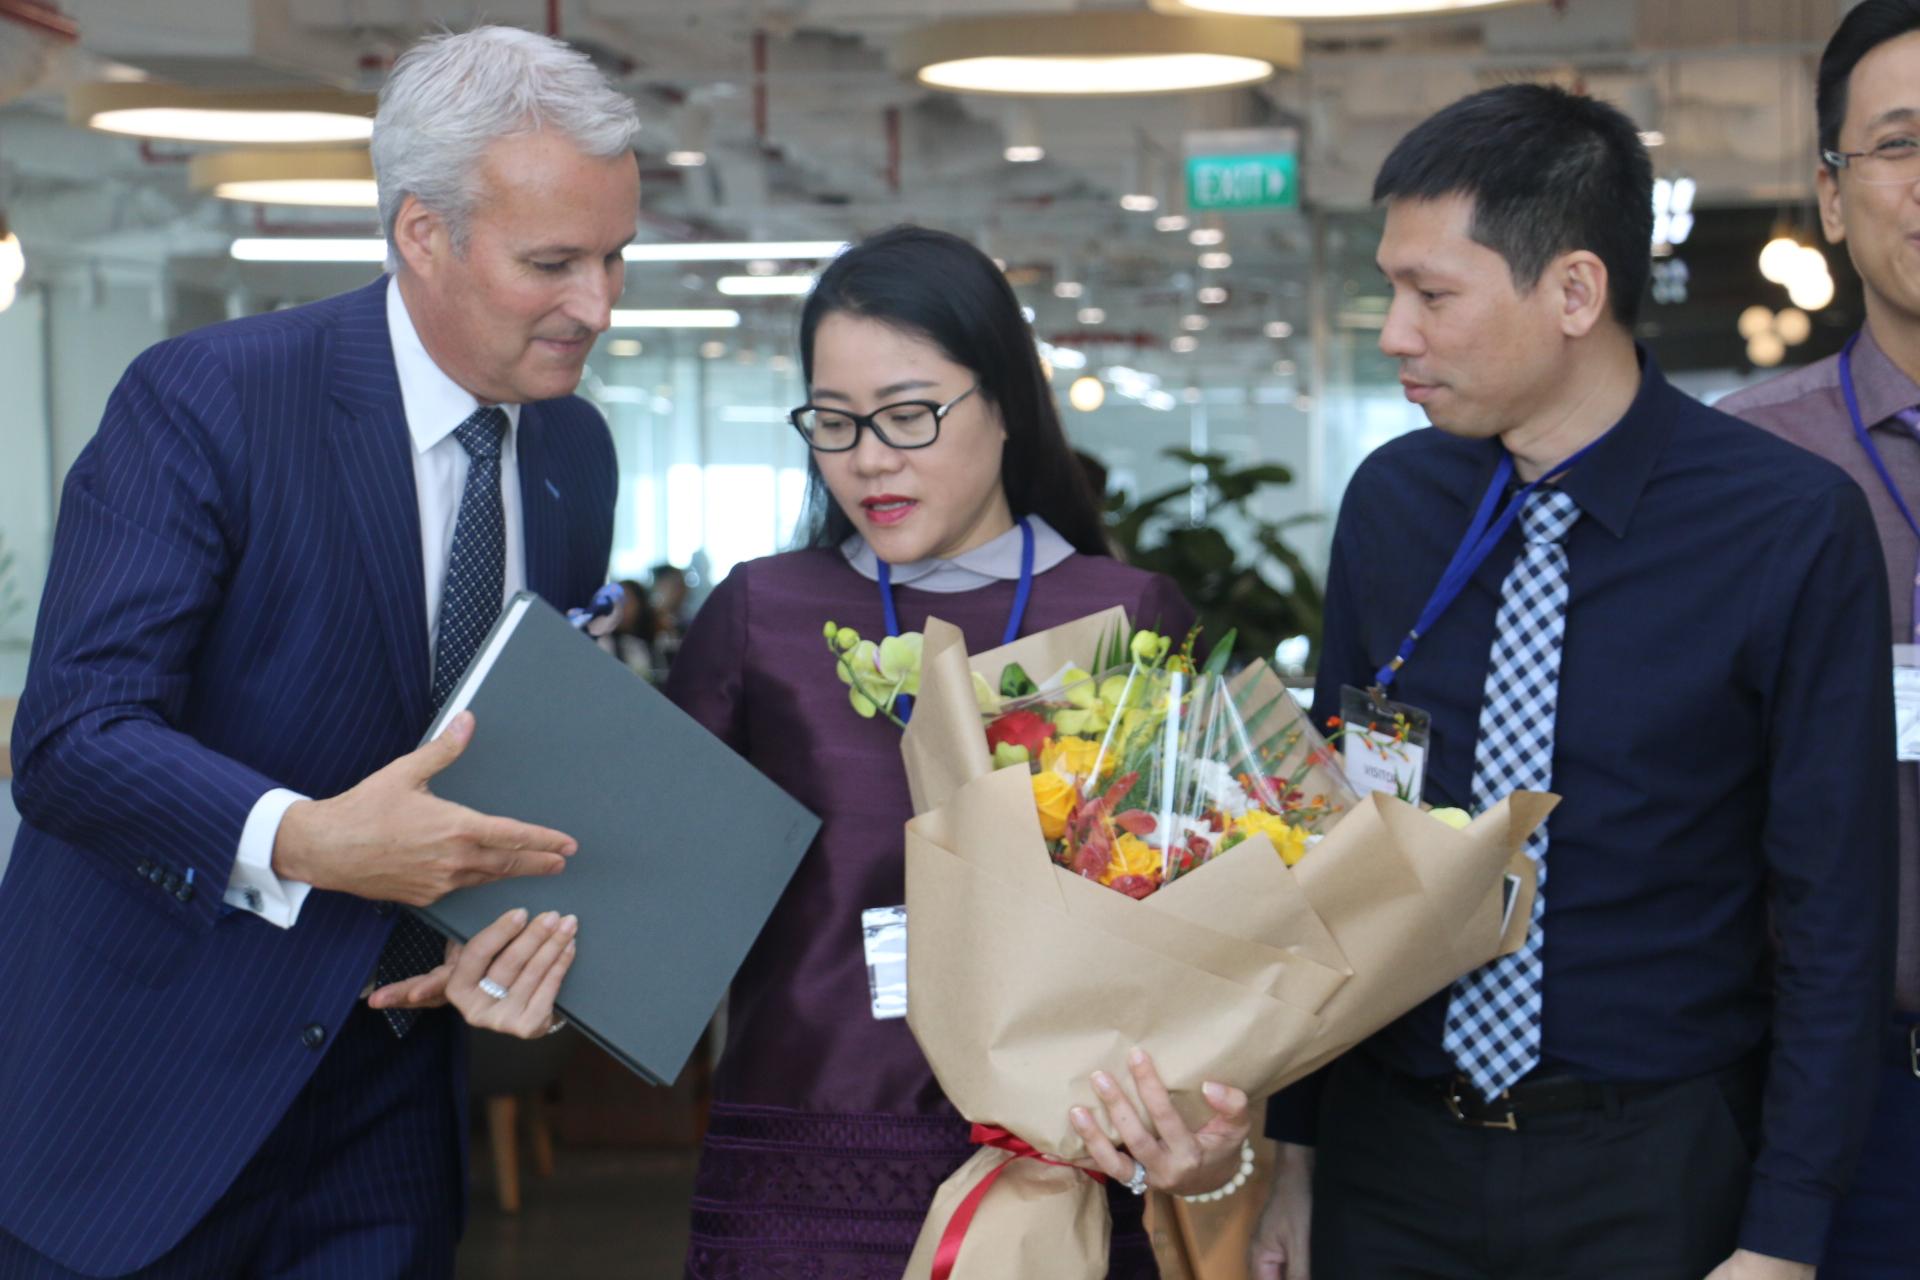 Chủ Tịch HĐQT kiêm TGĐ Thien Minh Group đạt danh hiệu Doanh Nhân Tiêu Biểu 2018